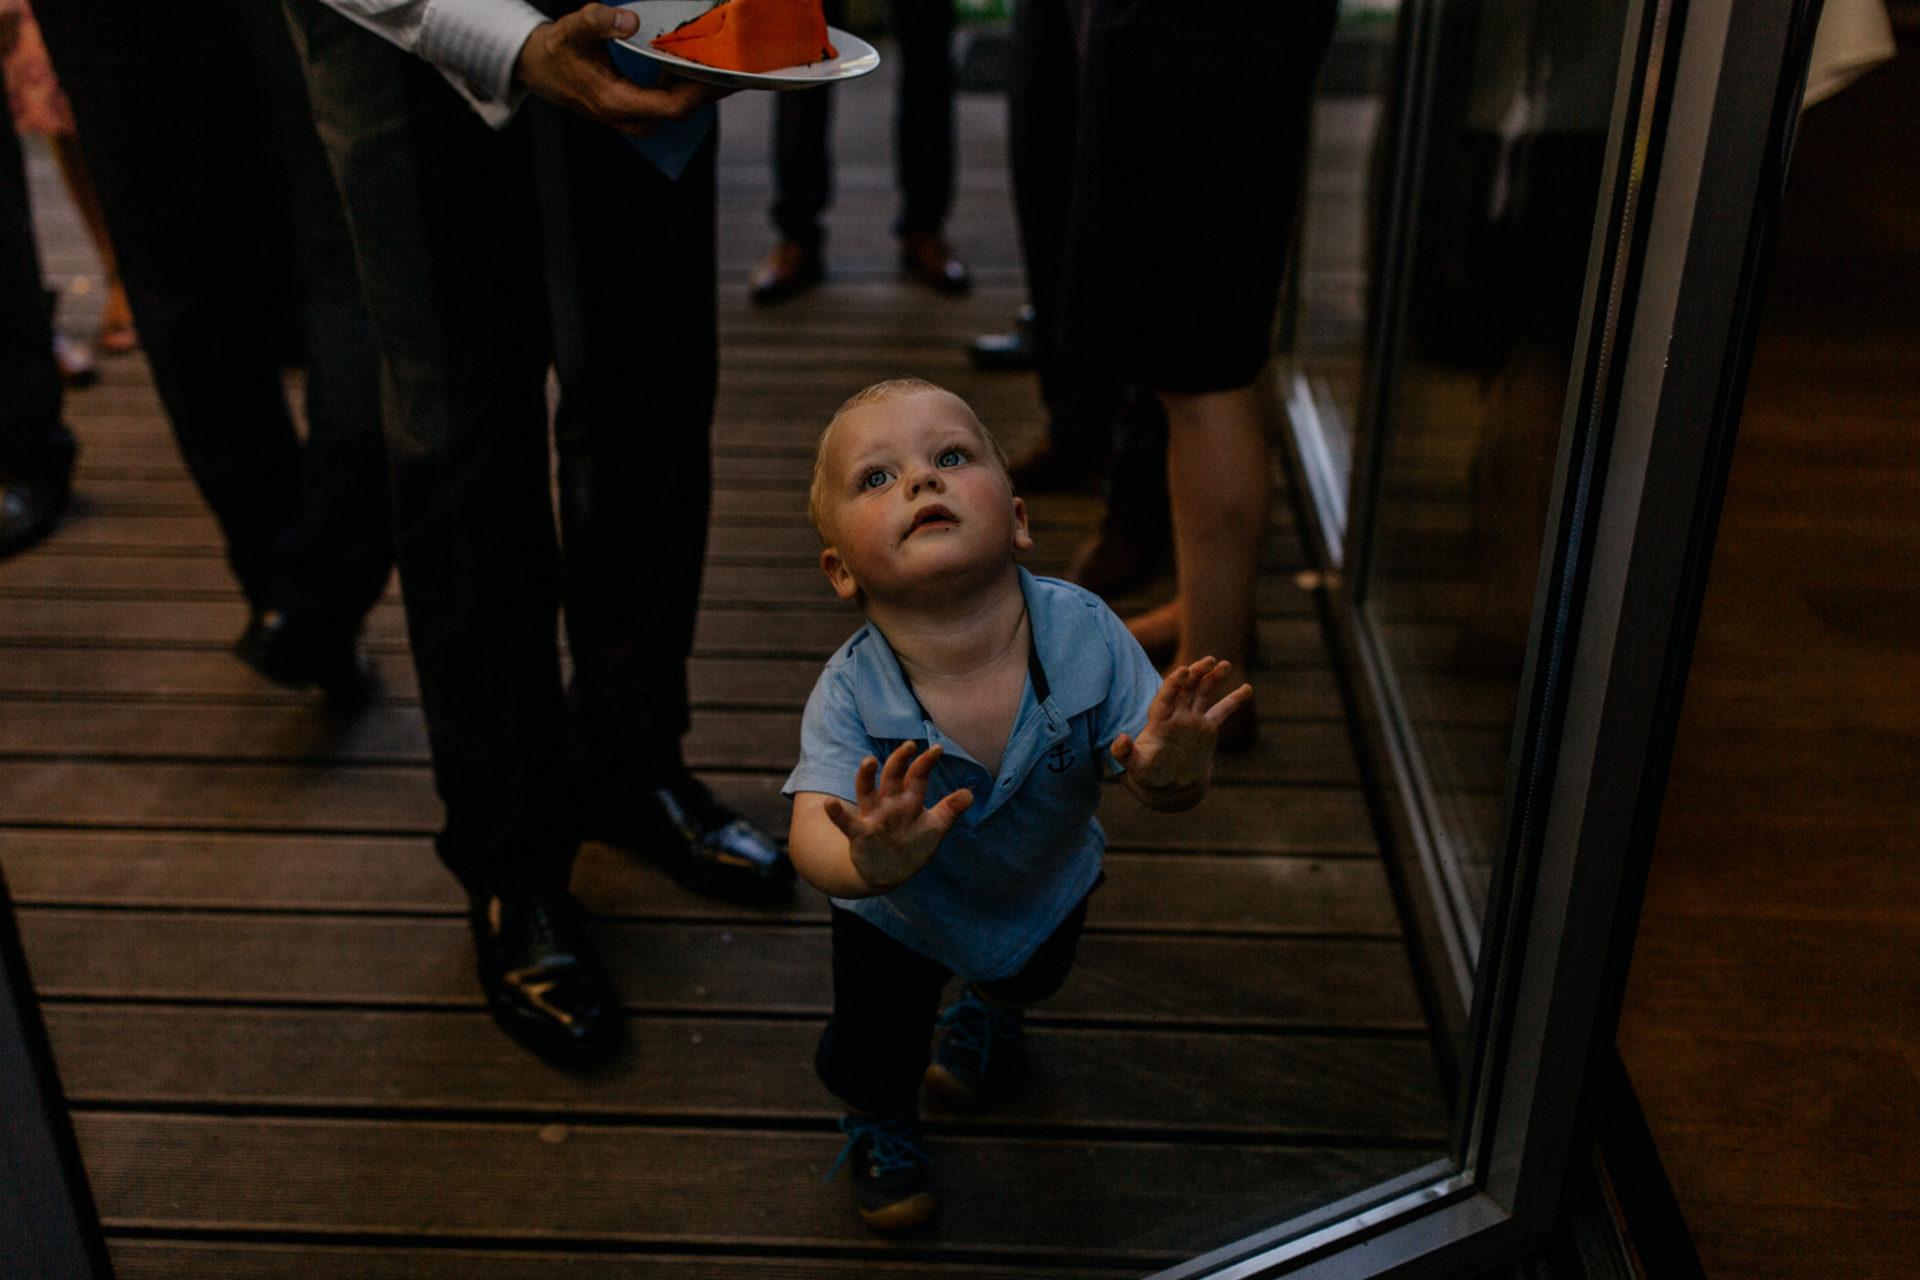 Weingut Fitz Ritter Hochzeitsfotograf-heiraten Pfalz-Sommerhochzeit Kind